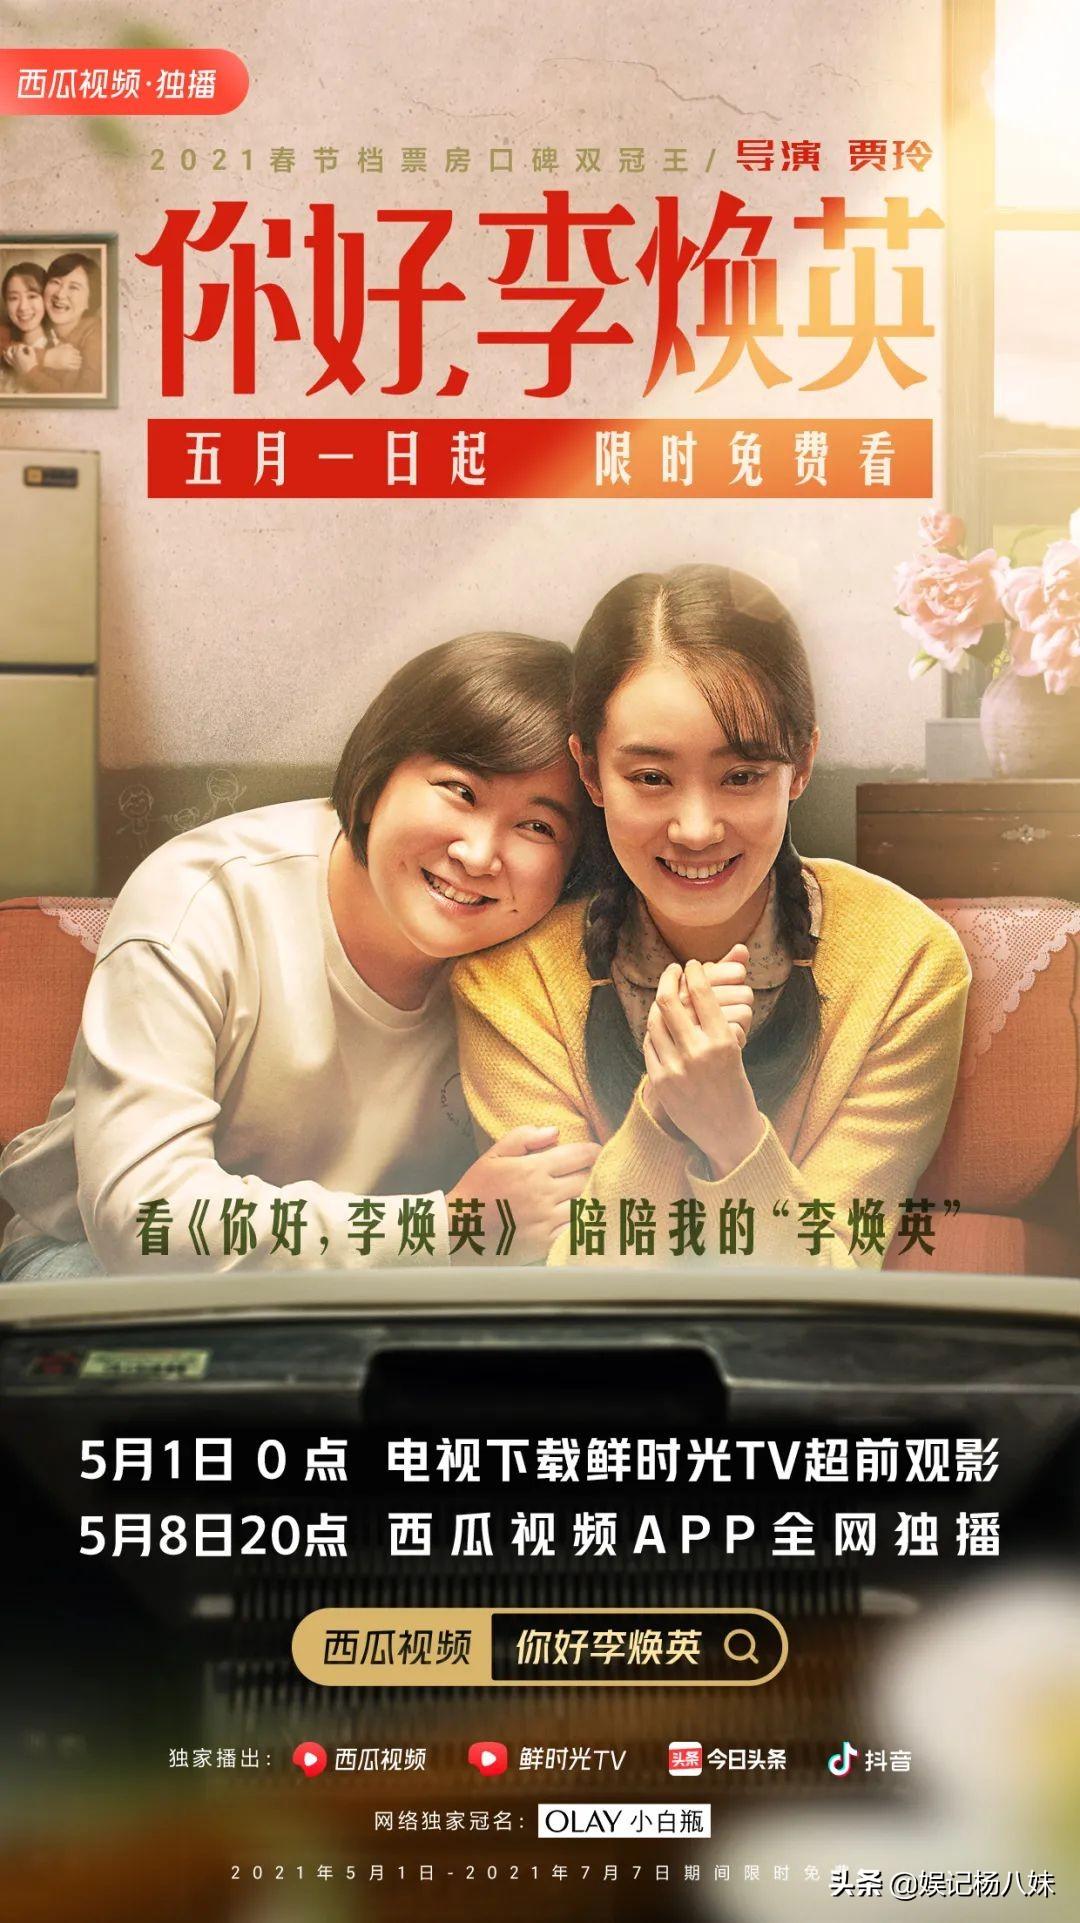 這部電影告訴我們:和媽媽在一起的日子,要且行且珍惜